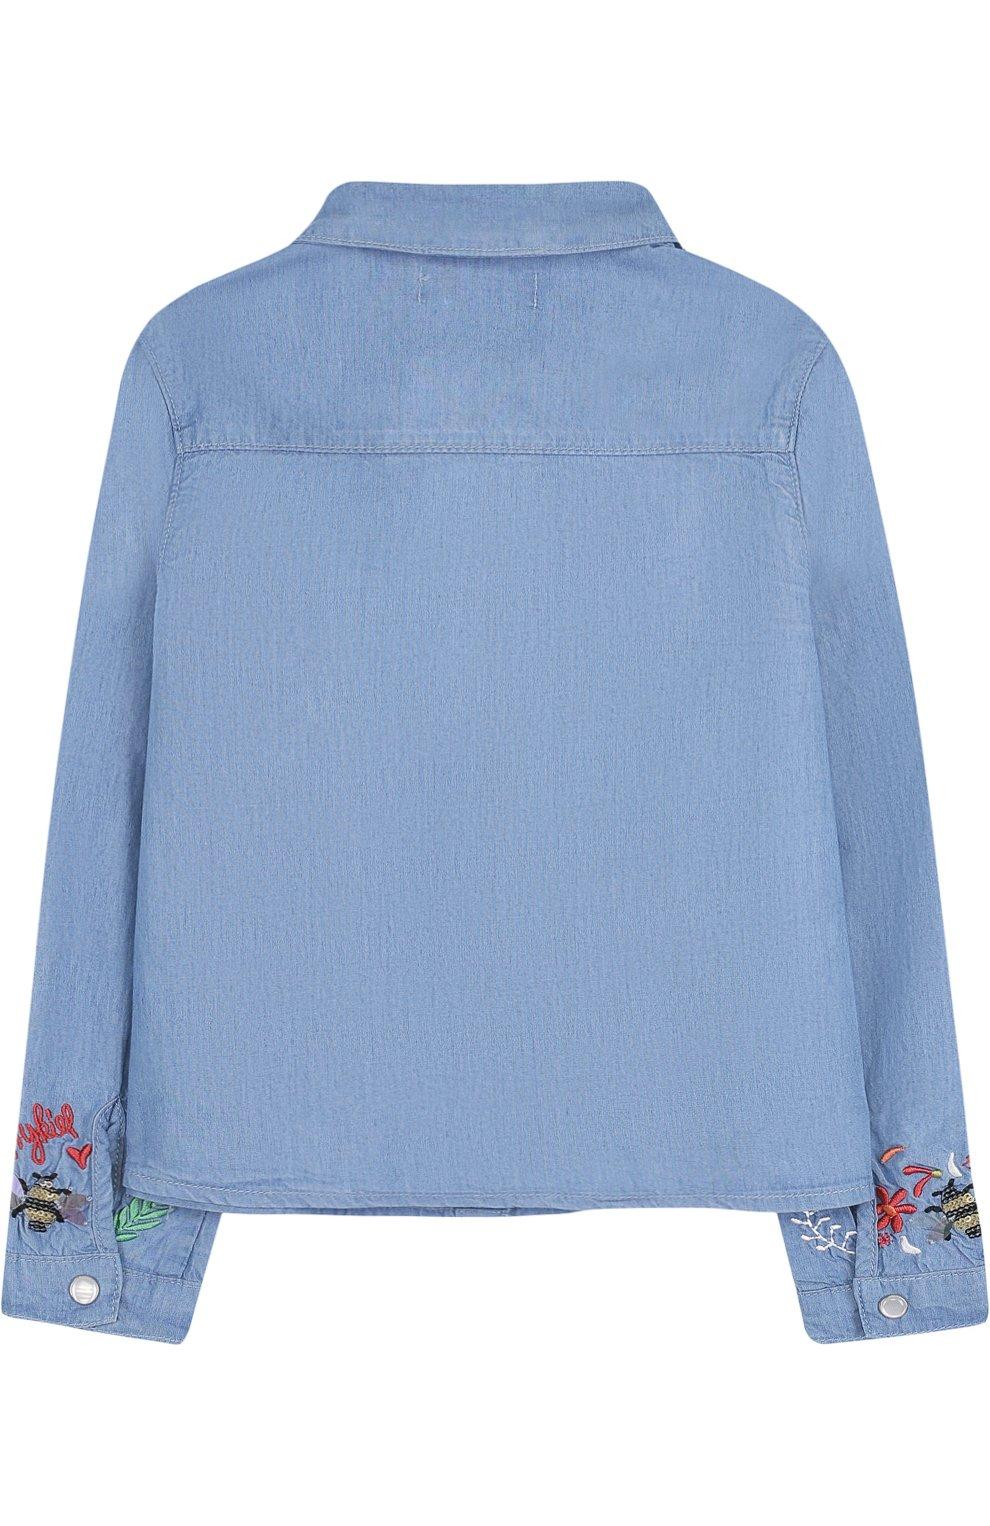 Детское блуза на кнопках с вышивкой SONIA RYKIEL ENFANT голубого цвета, арт. 18S1SH06   Фото 2